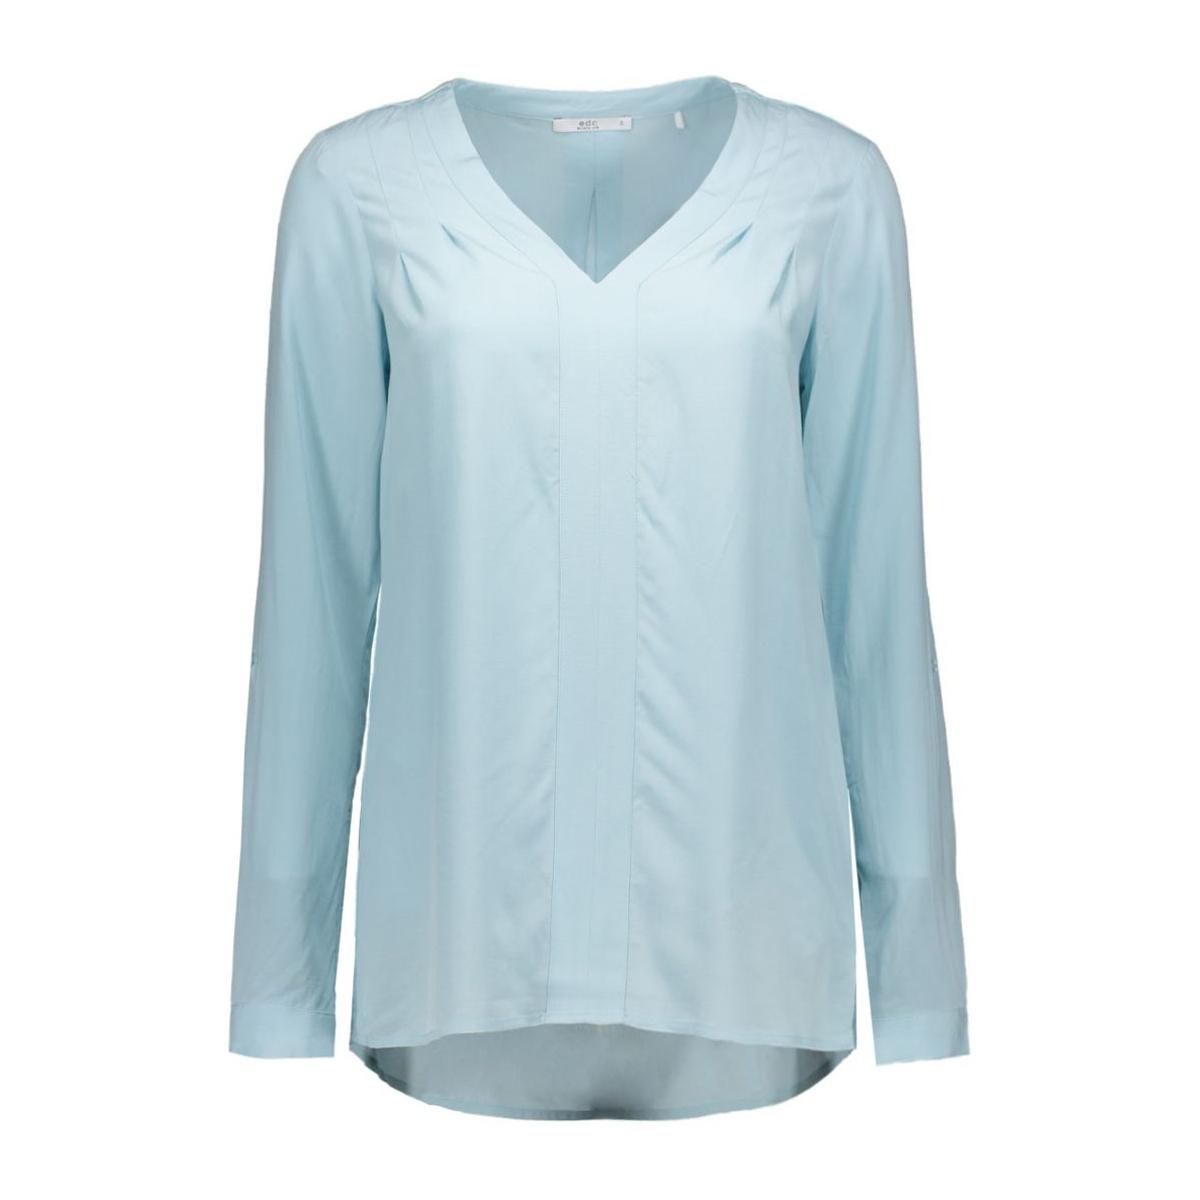 125cc1f006 edc blouse c480